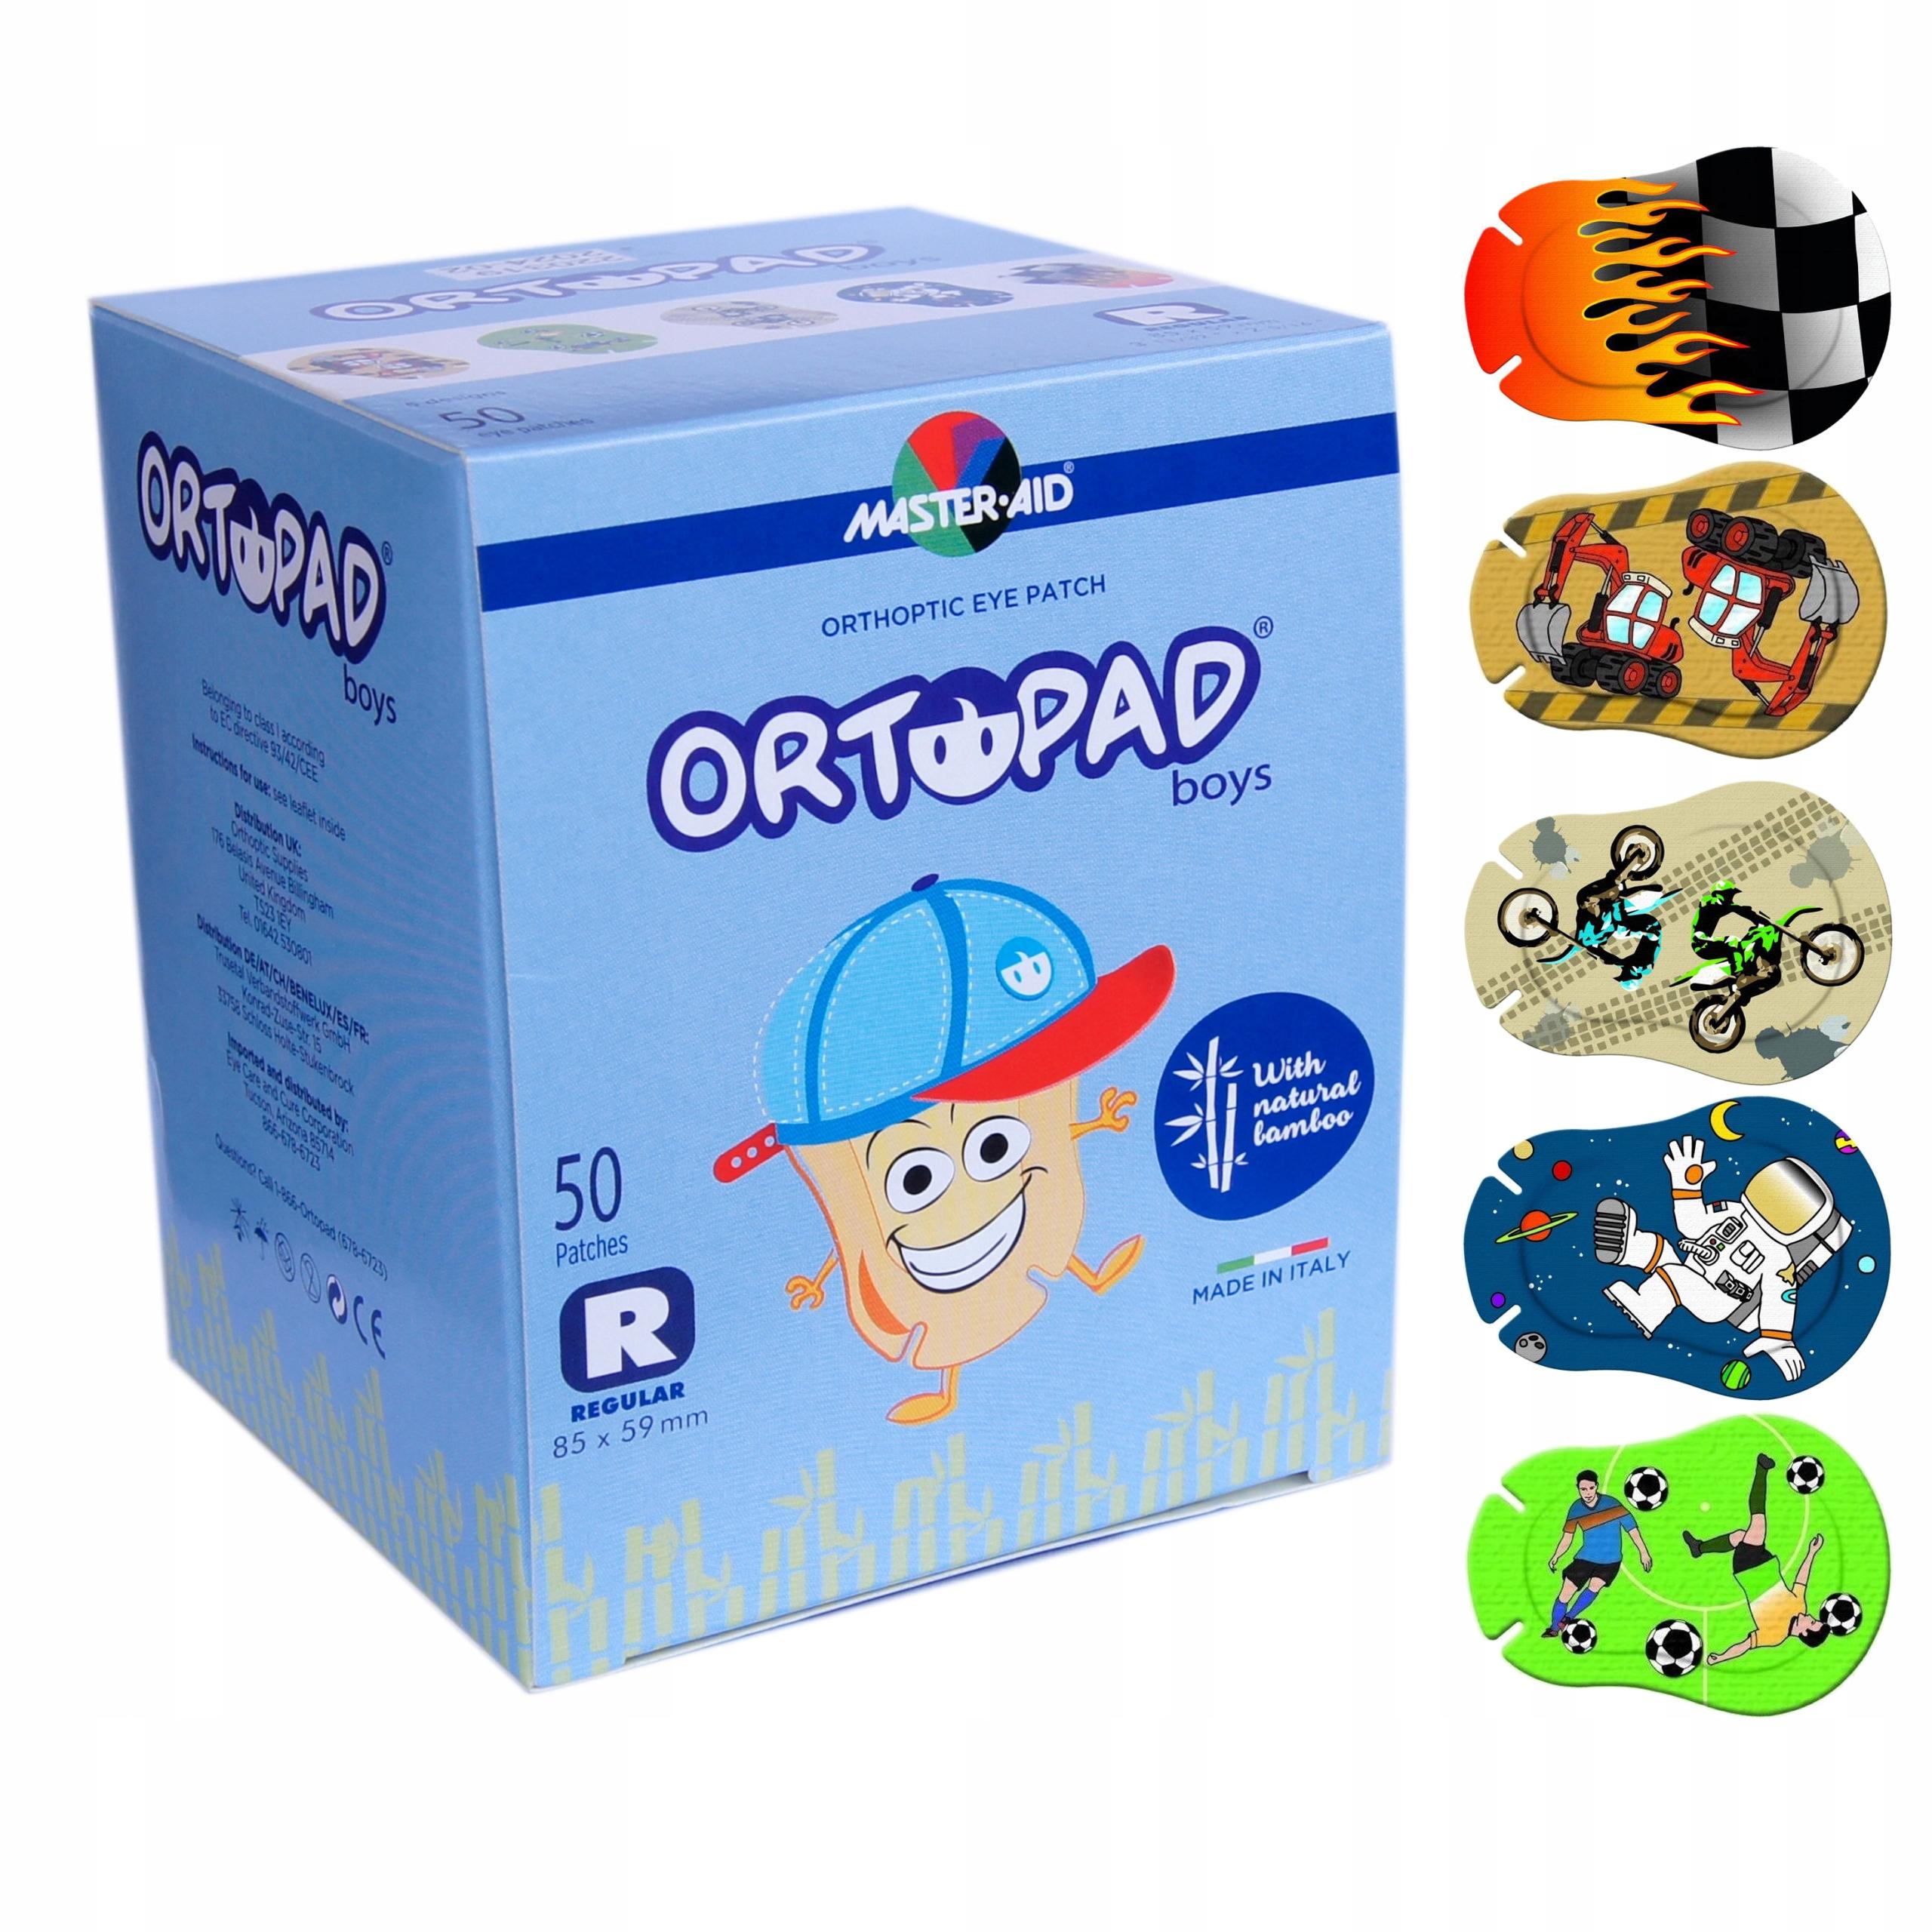 Купить Ortopad Большой Узор, REGULAR Boy Пластырь На Глаз x50 на Otpravka - цены и фото - доставка из Польши и стран Европы в Украину.